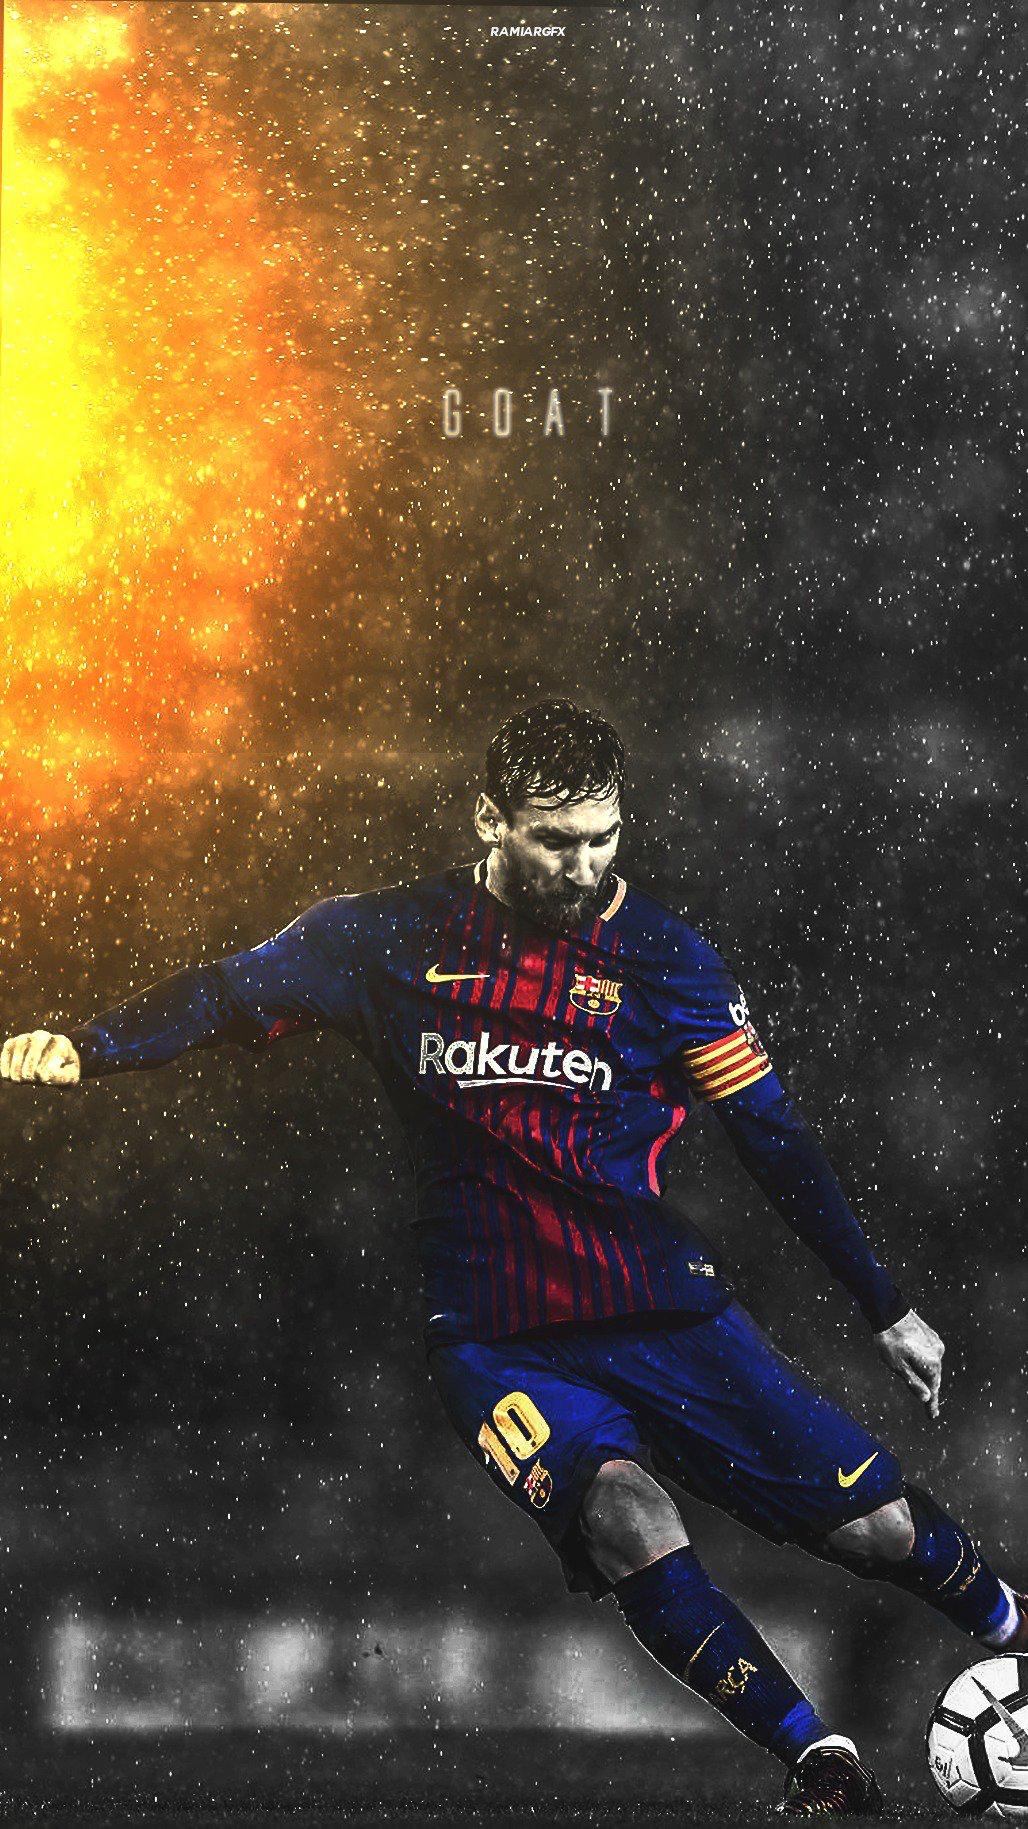 バルセロナのプロサッカー選手 メッシの壁紙